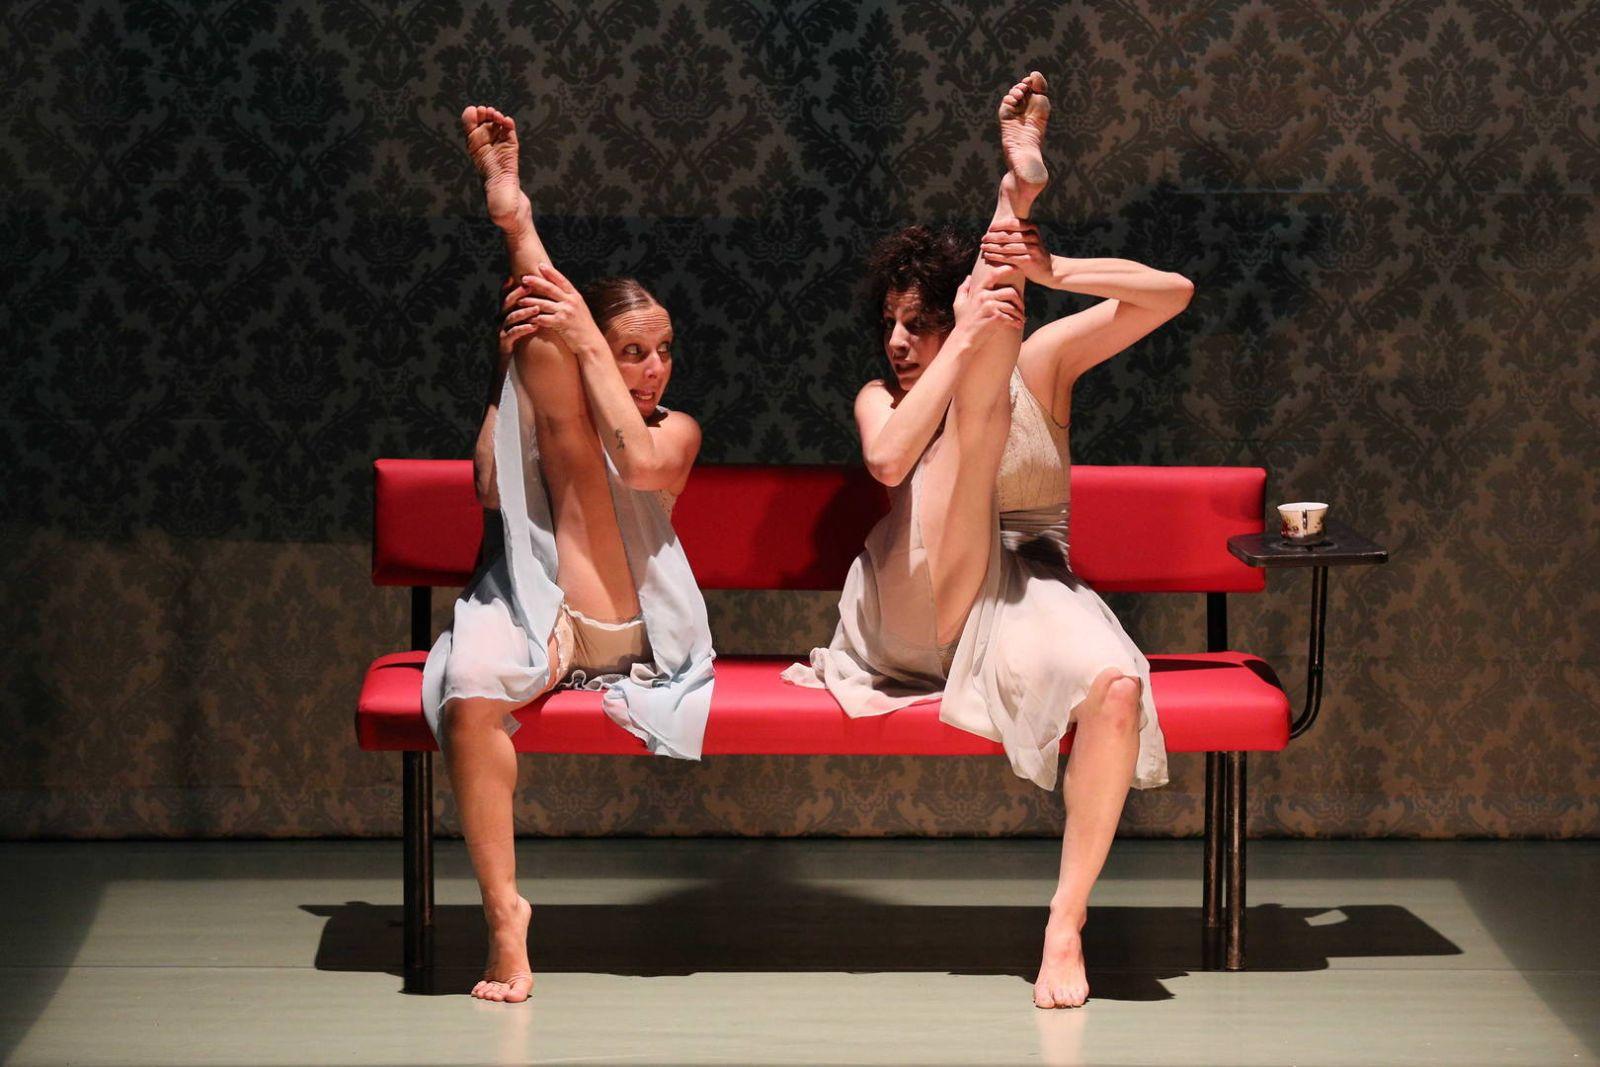 Смотреть без трусов в театре, на сцене без трусов Видео на Запорожском портале 18 фотография